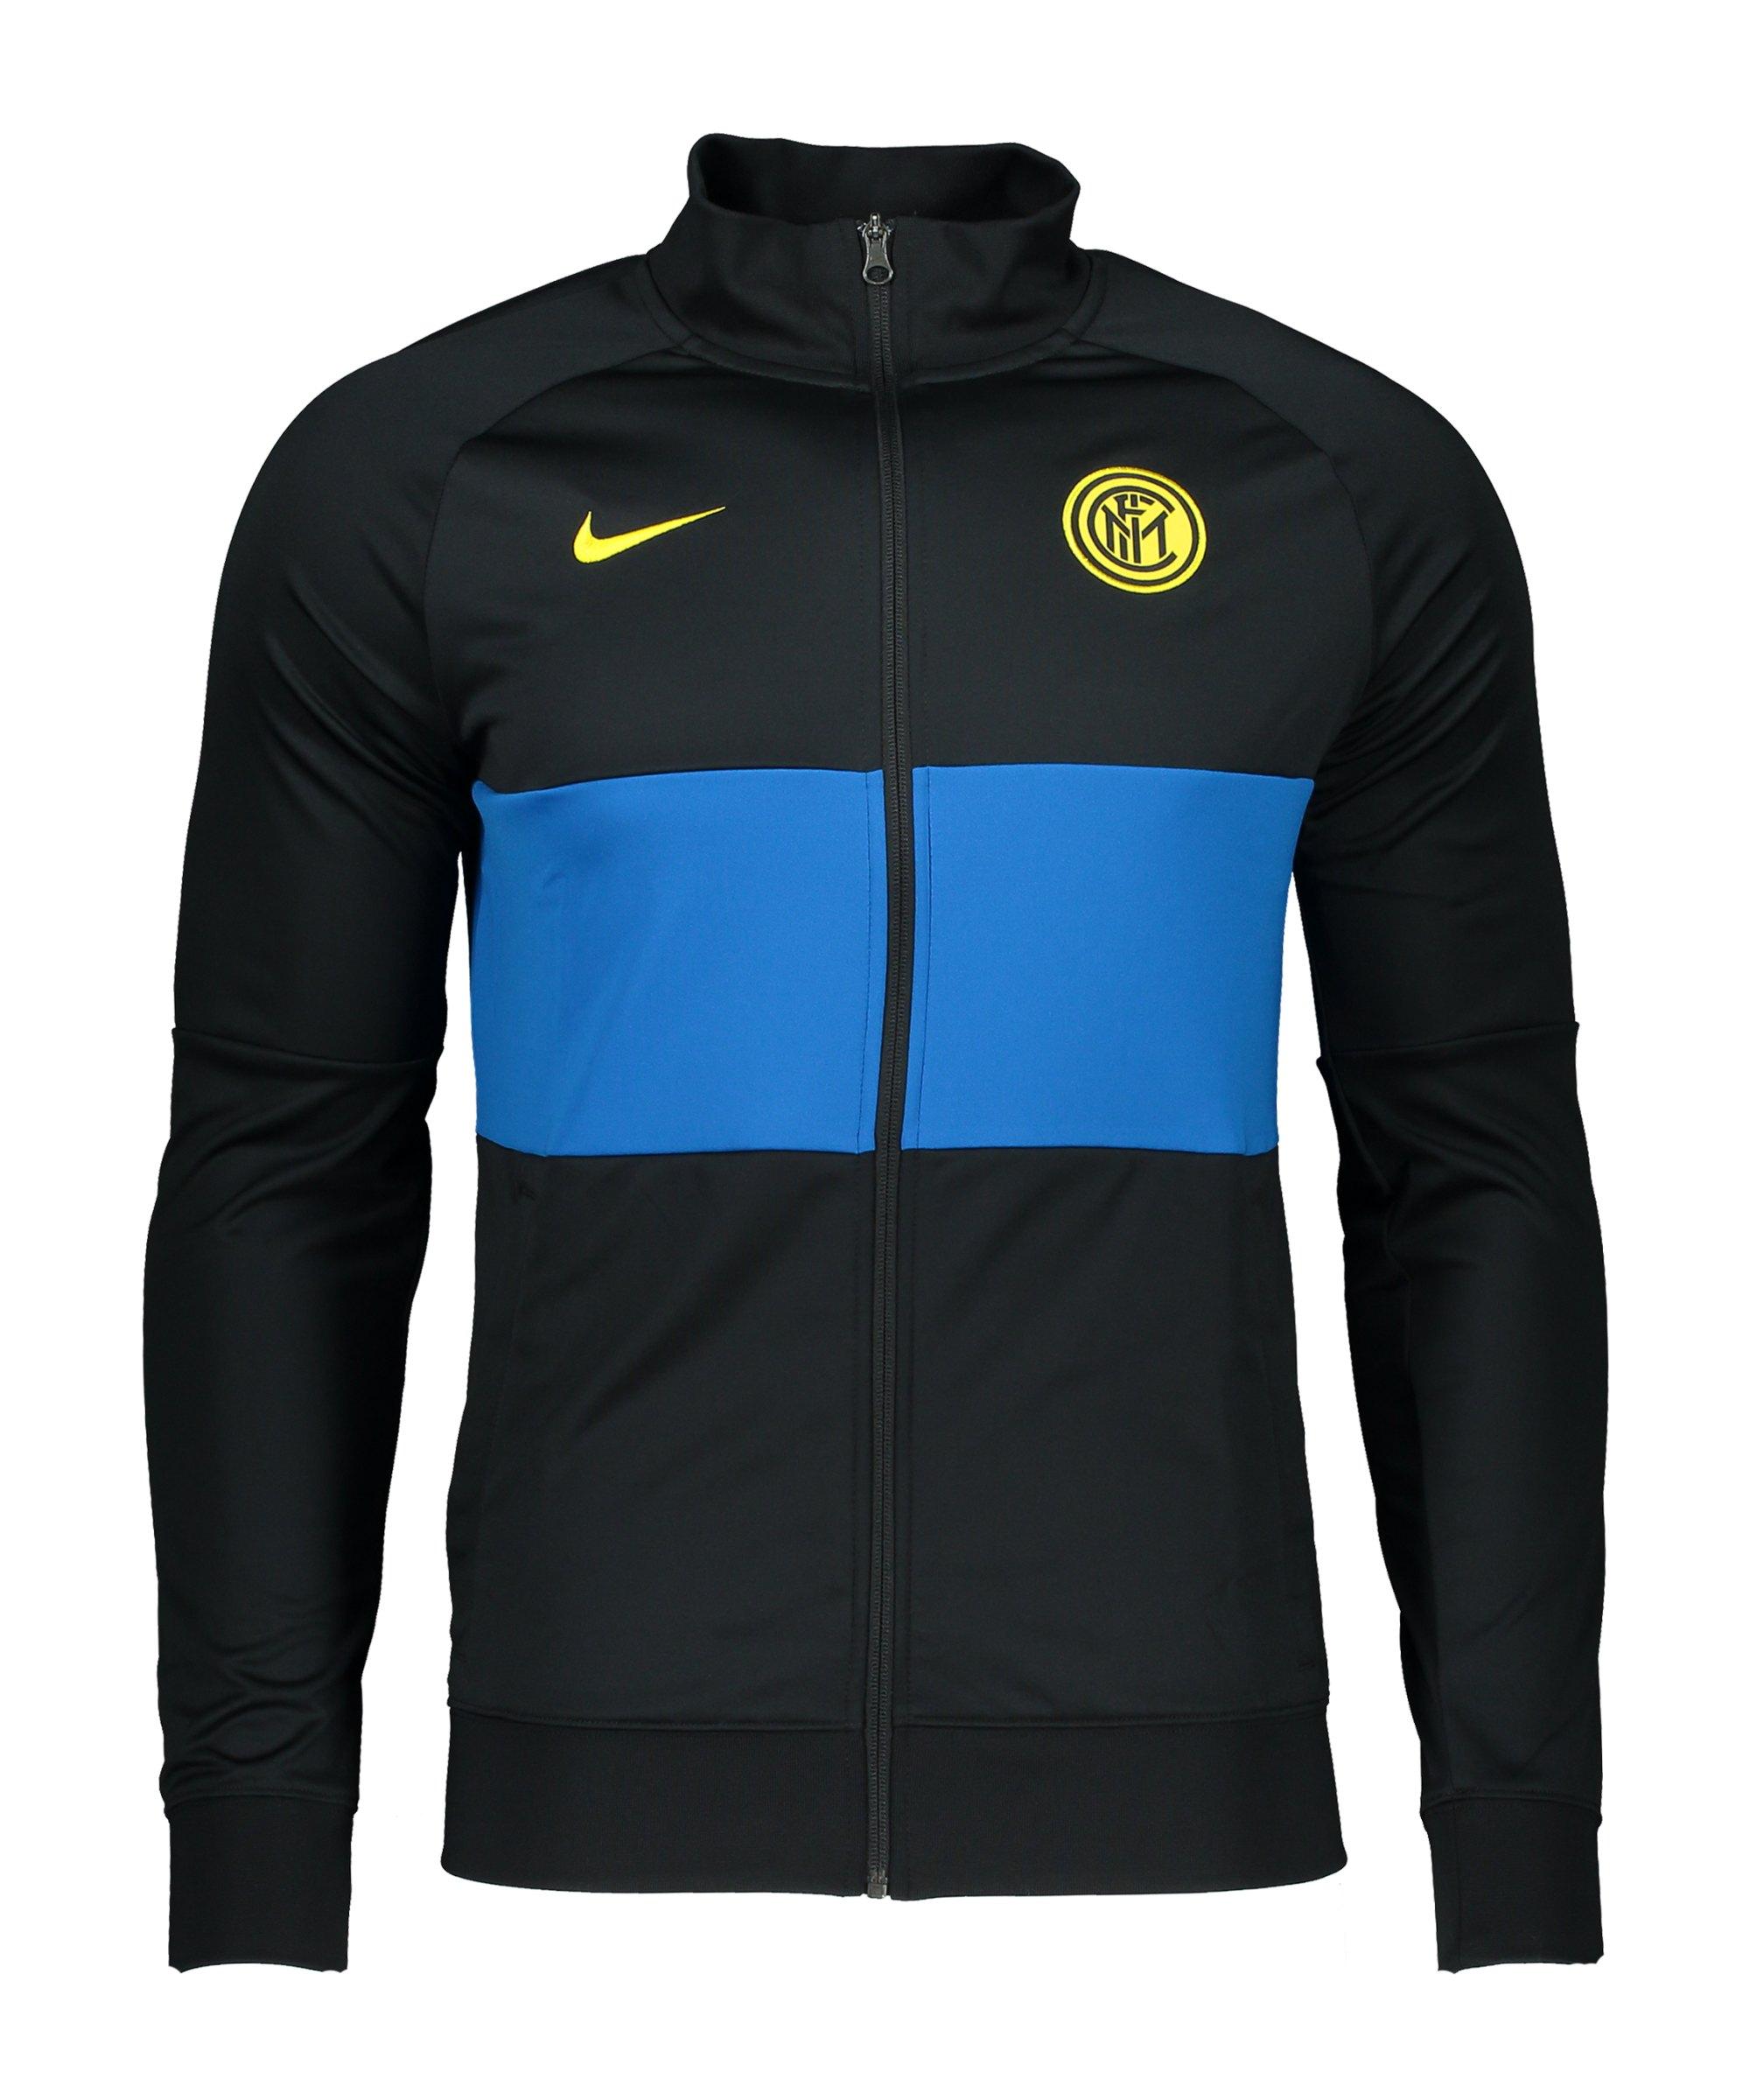 Nike Inter Mailand I96 Trainingsjacke Schwarz F011 - schwarz